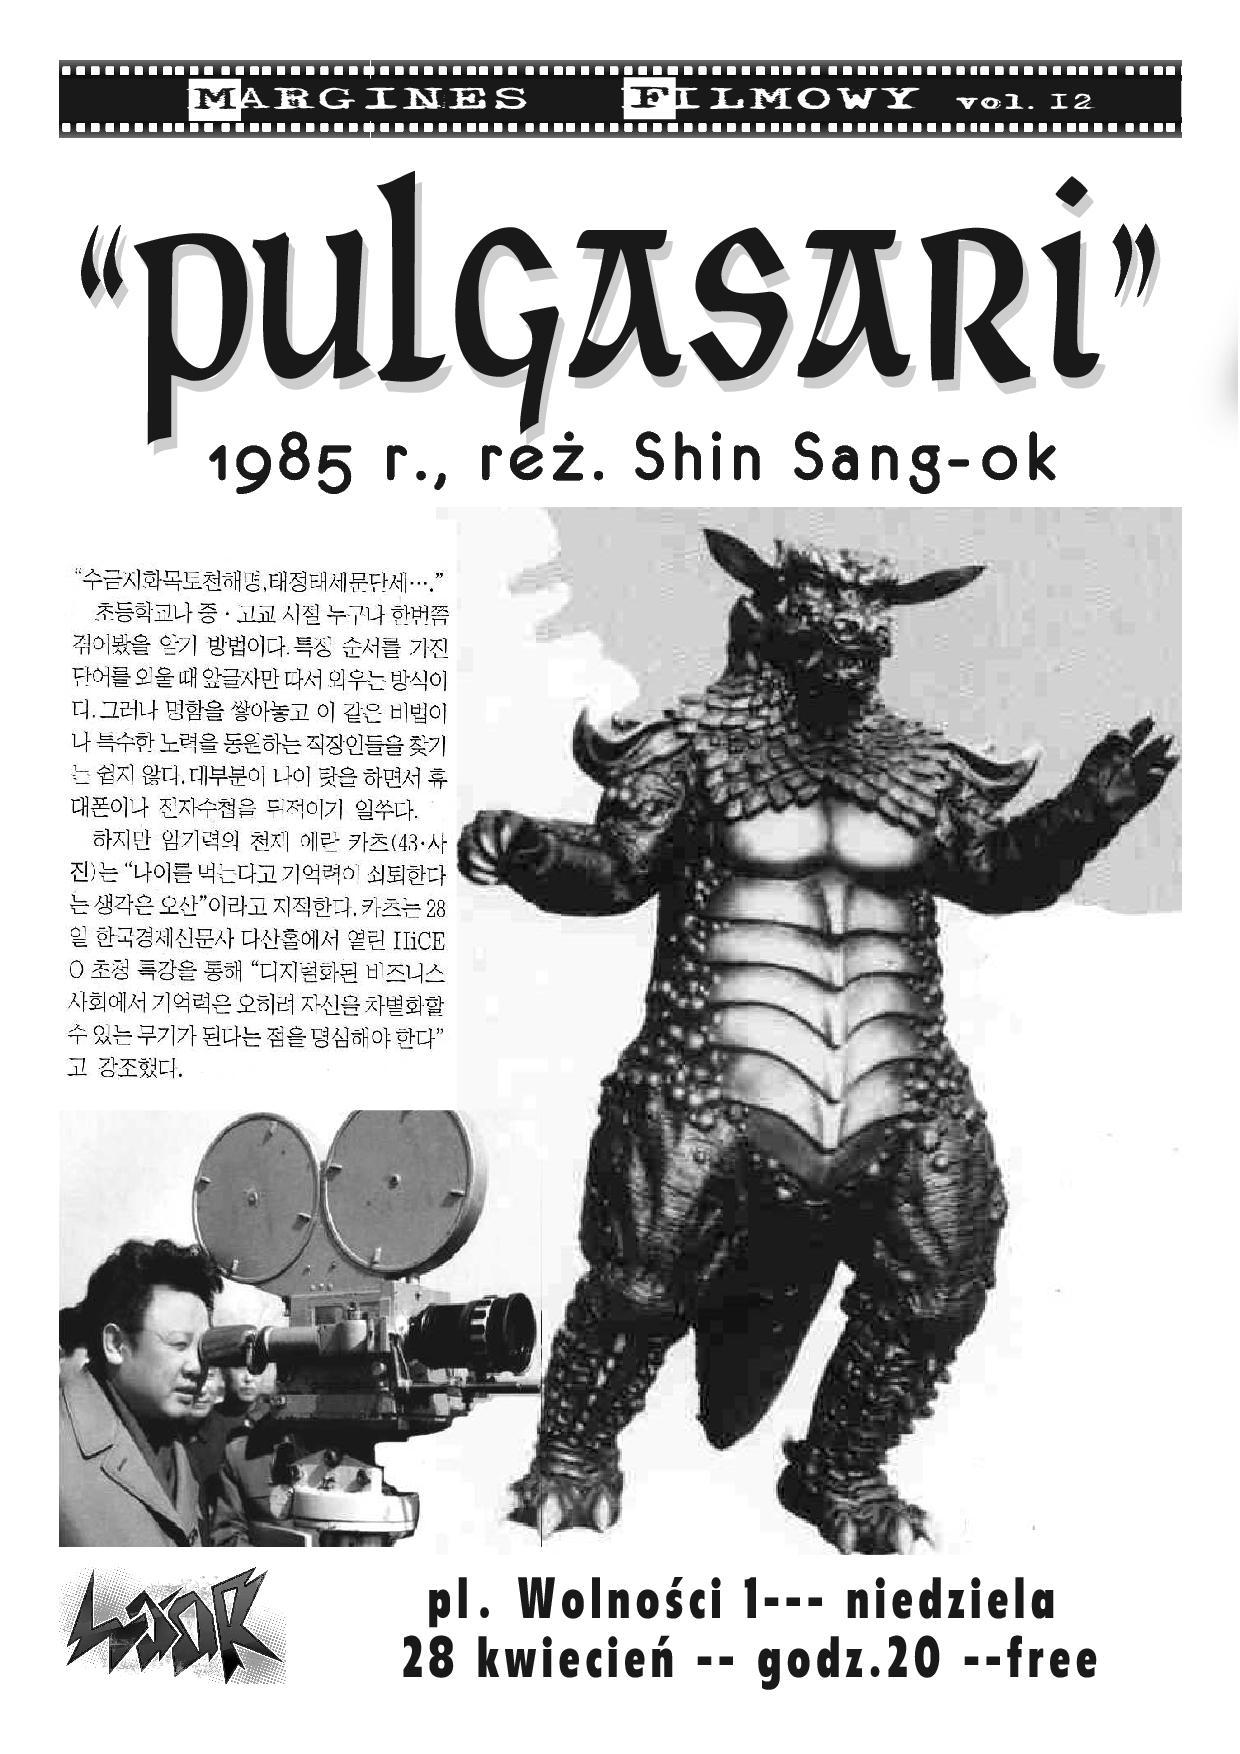 pulgasari_poster